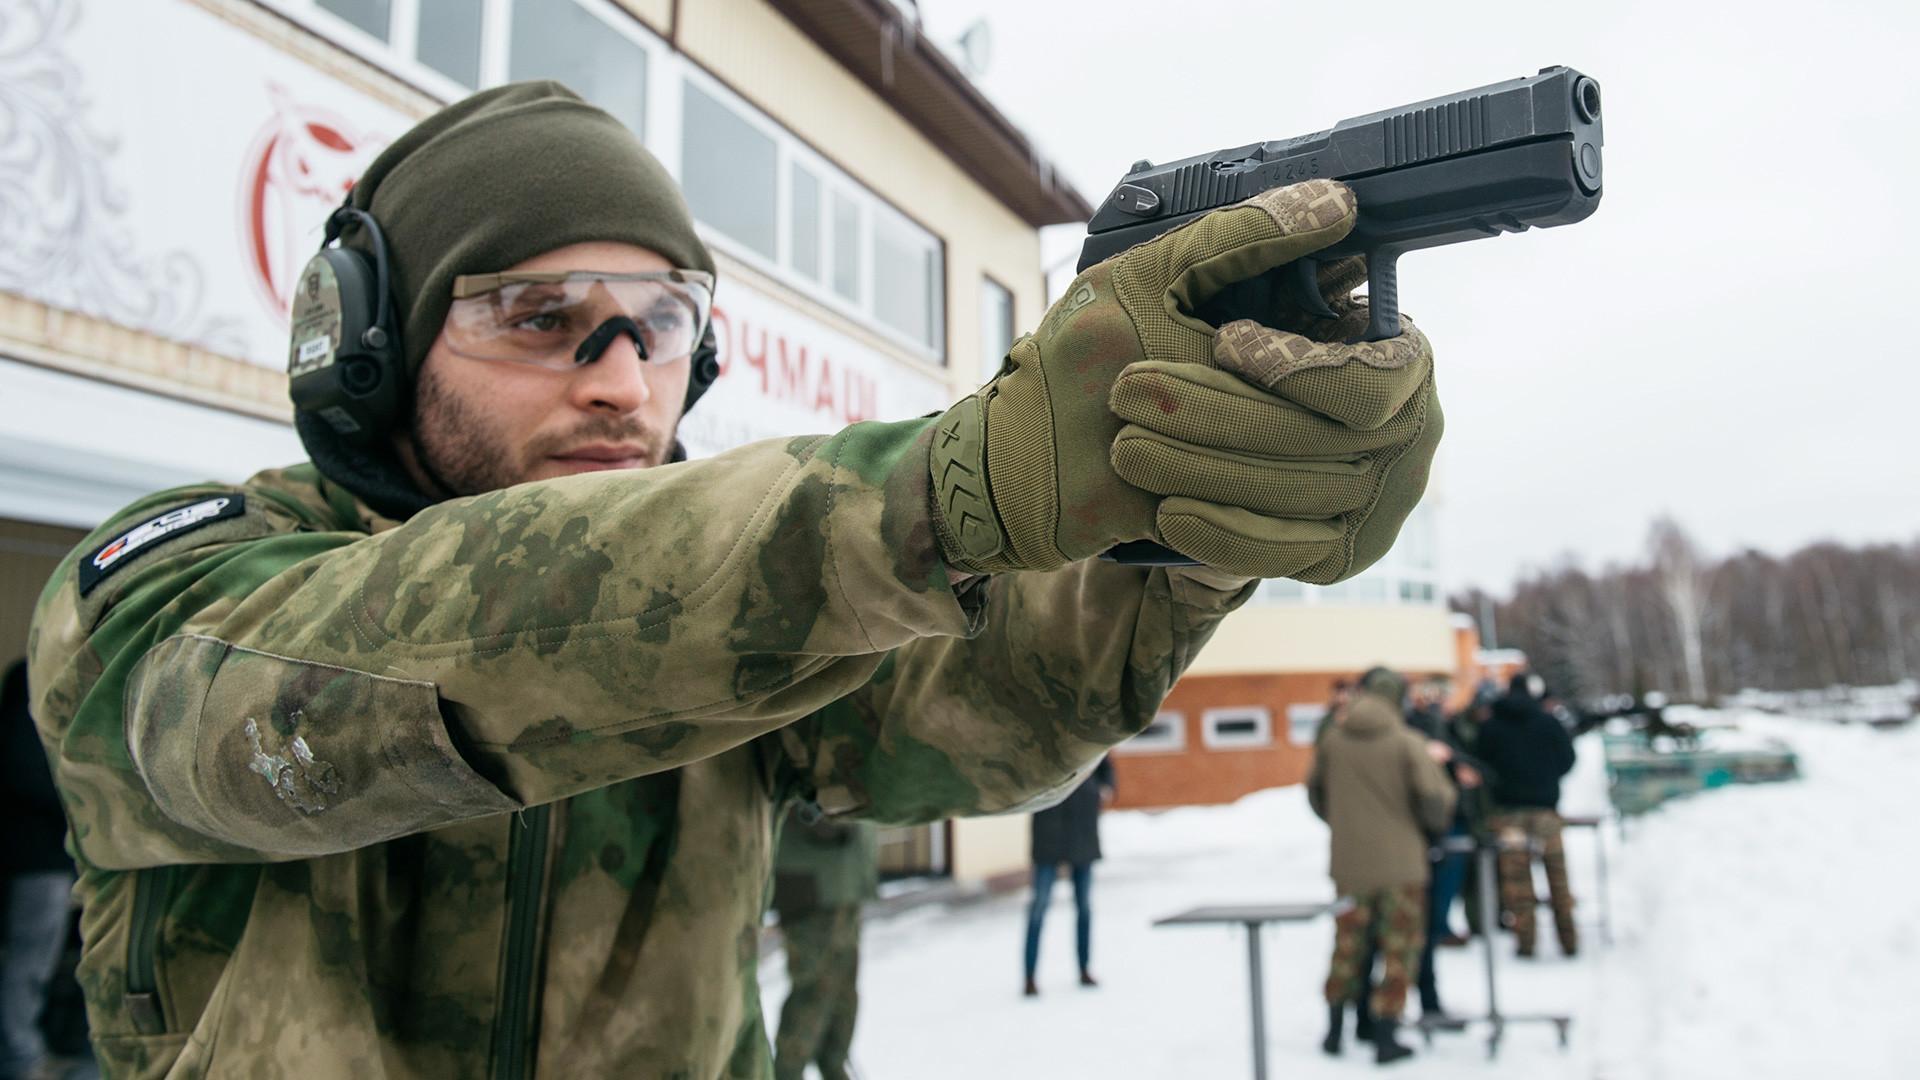 Оружейные законы: разбираемся нужно ли разрешение на газовый пистолет в России